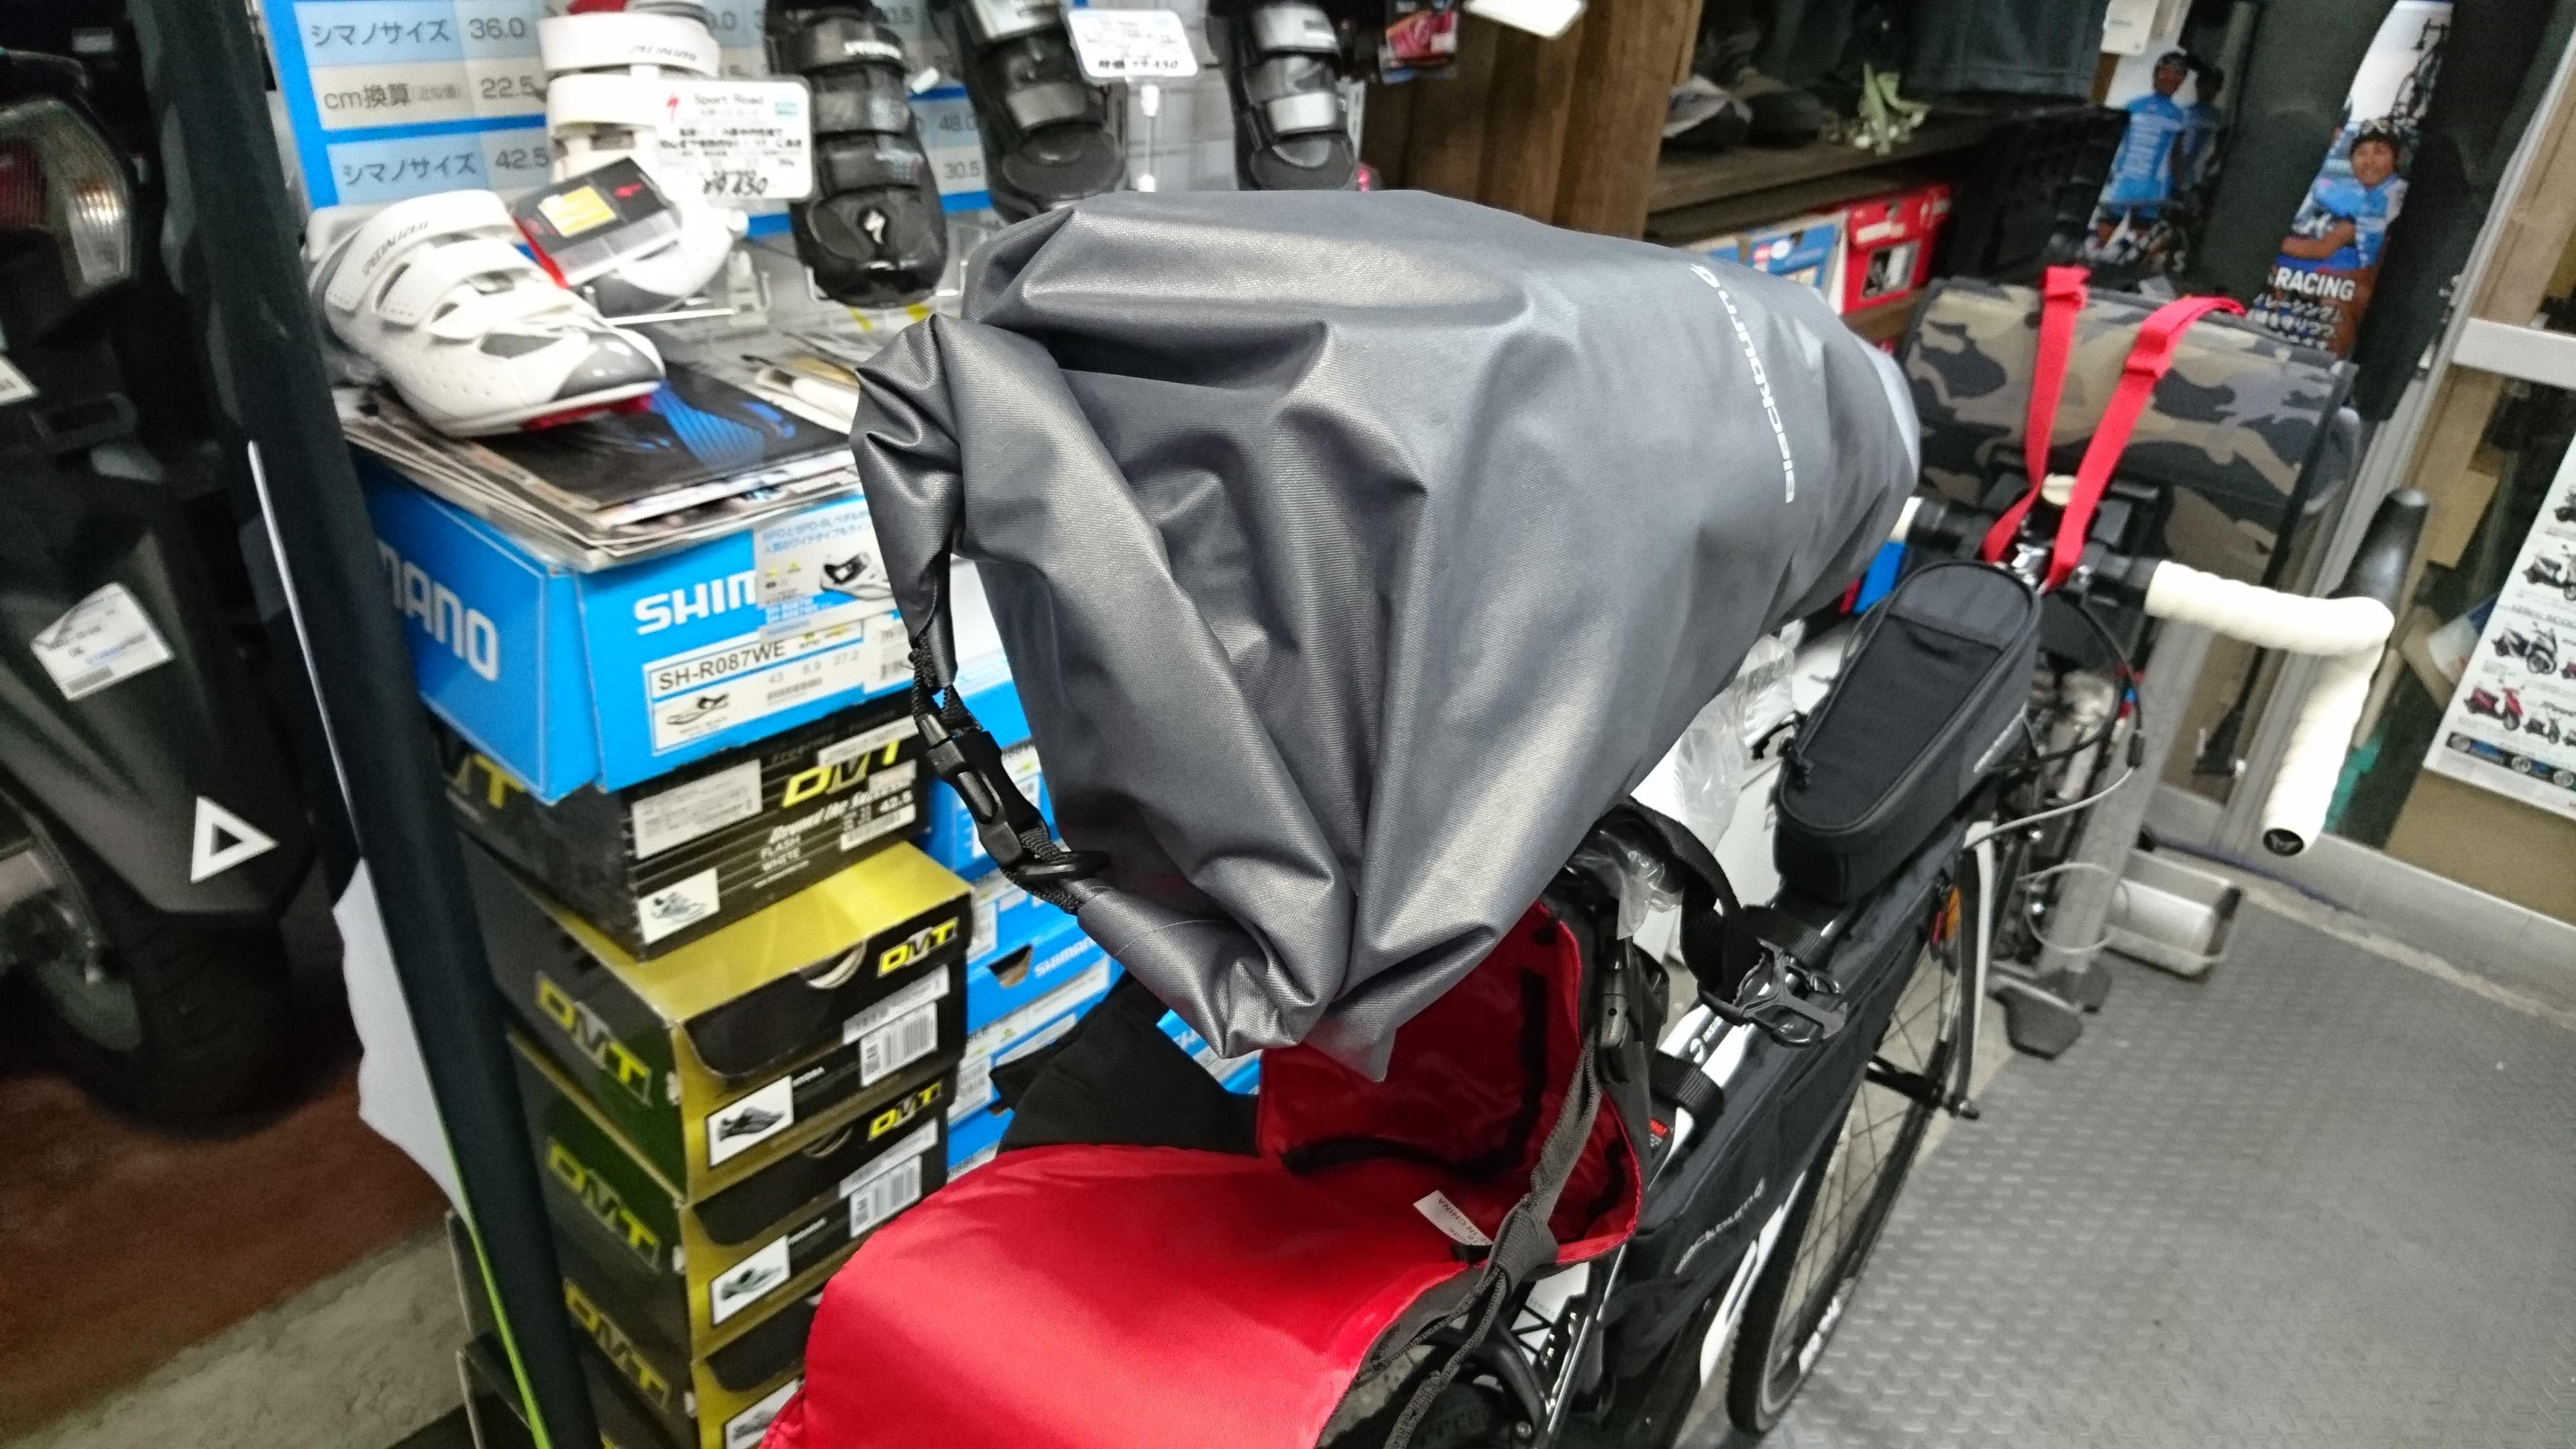 ロールタイプのドライバックは荷物に合わせて大きさを変えられます。